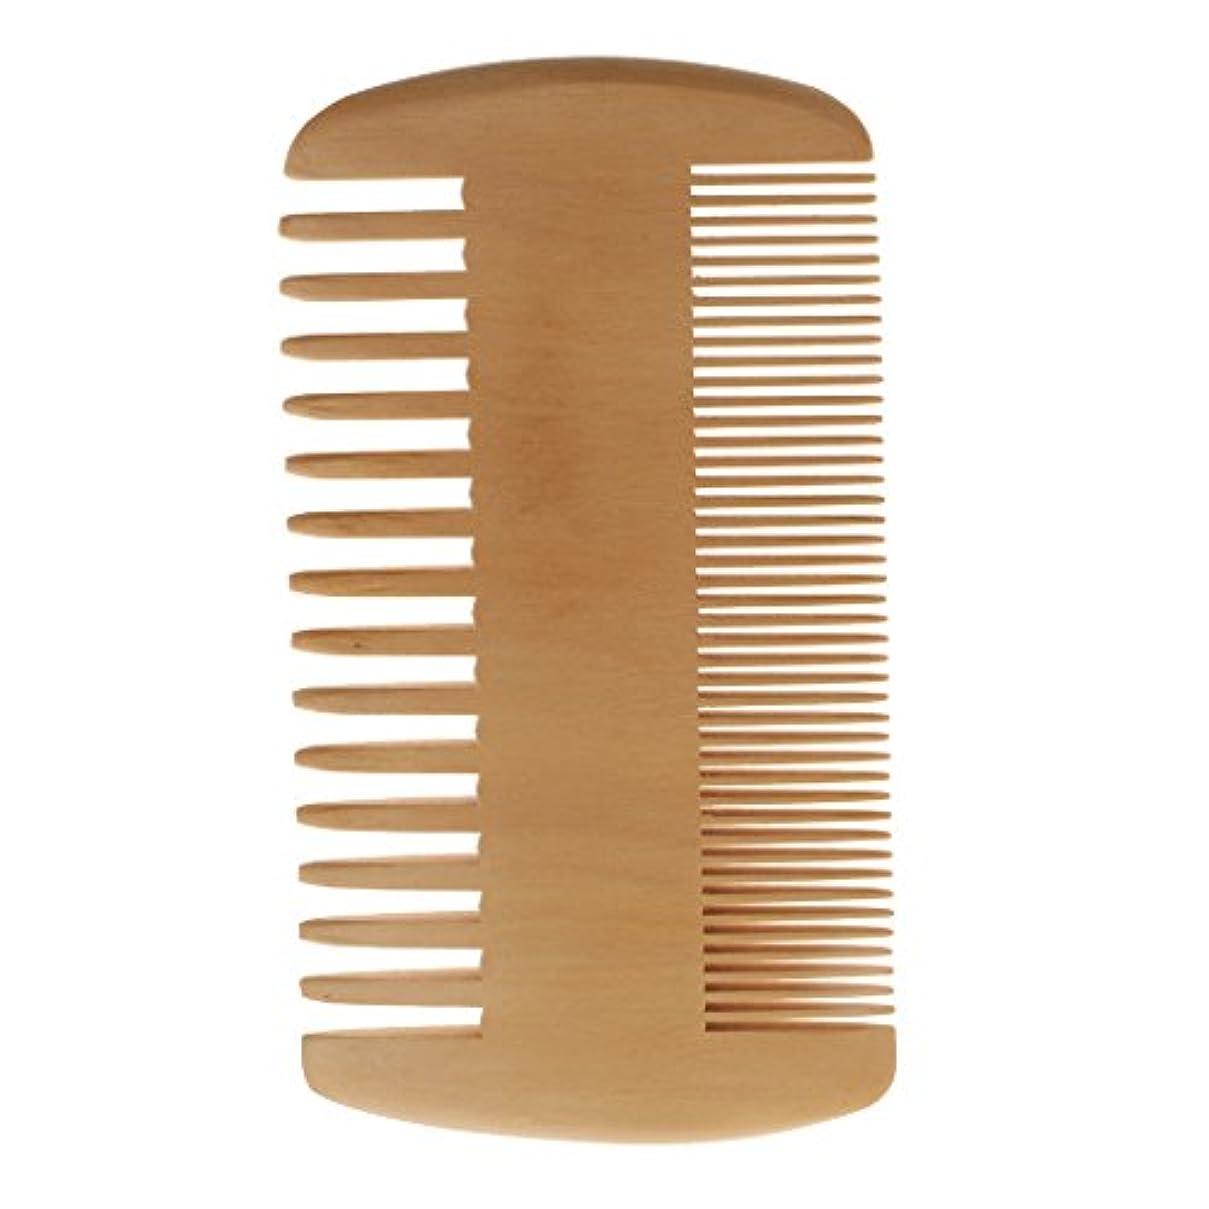 カメ成長する震えるSM SunniMix ポケットコーム 木製コーム 木製櫛 ヘアダイコーム ヘアブラシ 2倍 密度 歯 携帯 便利